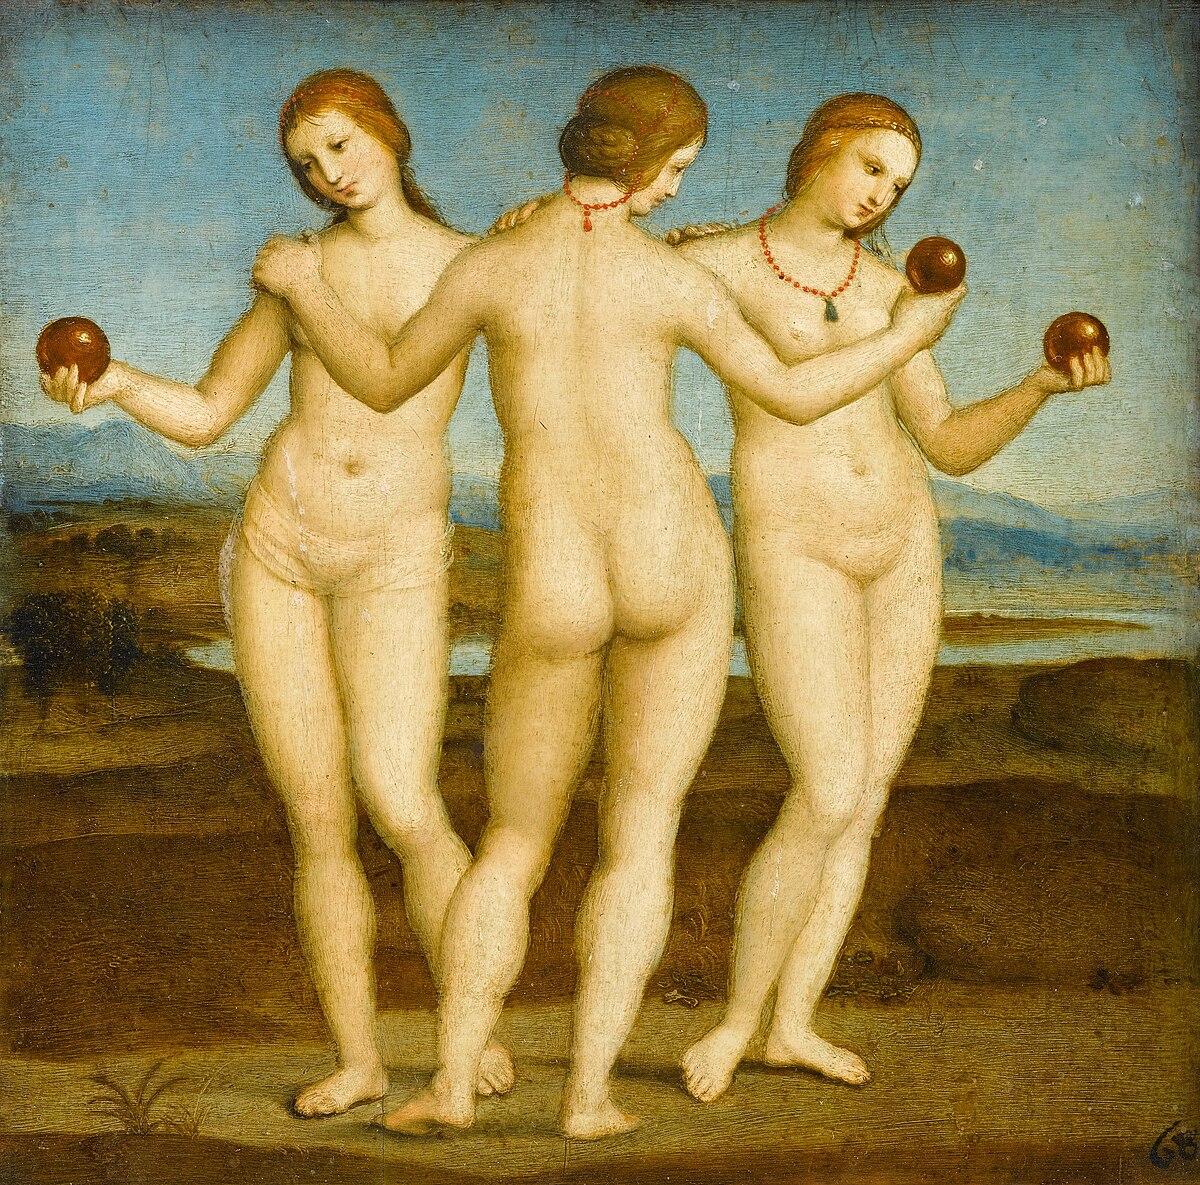 Raphael, The Three Graces, 1504-1505, Musée Condé, Chantilly, France.